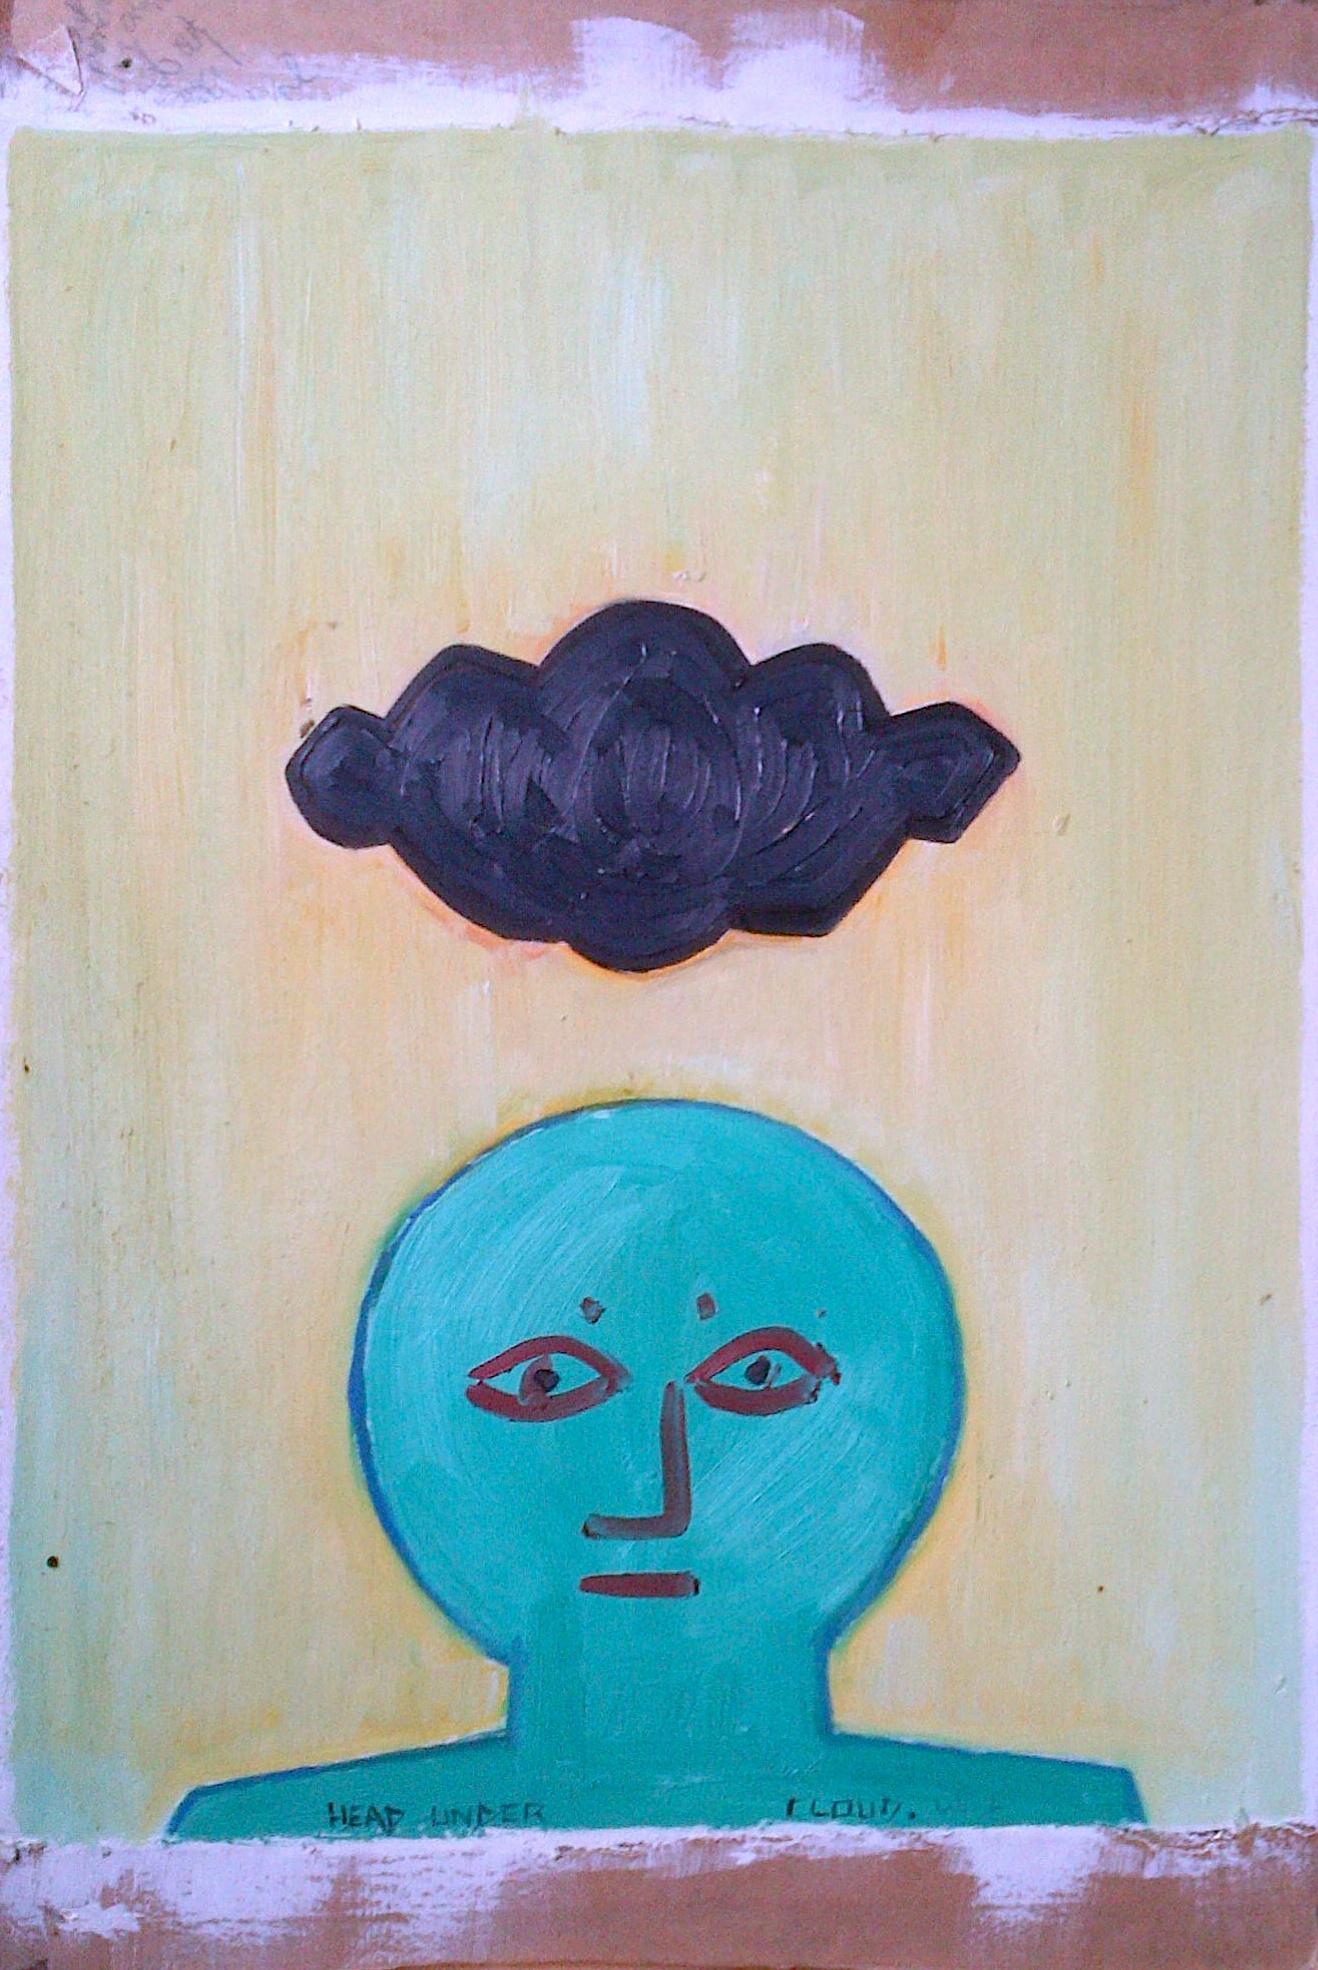 Gerald Shepherd - Head Under Cloud